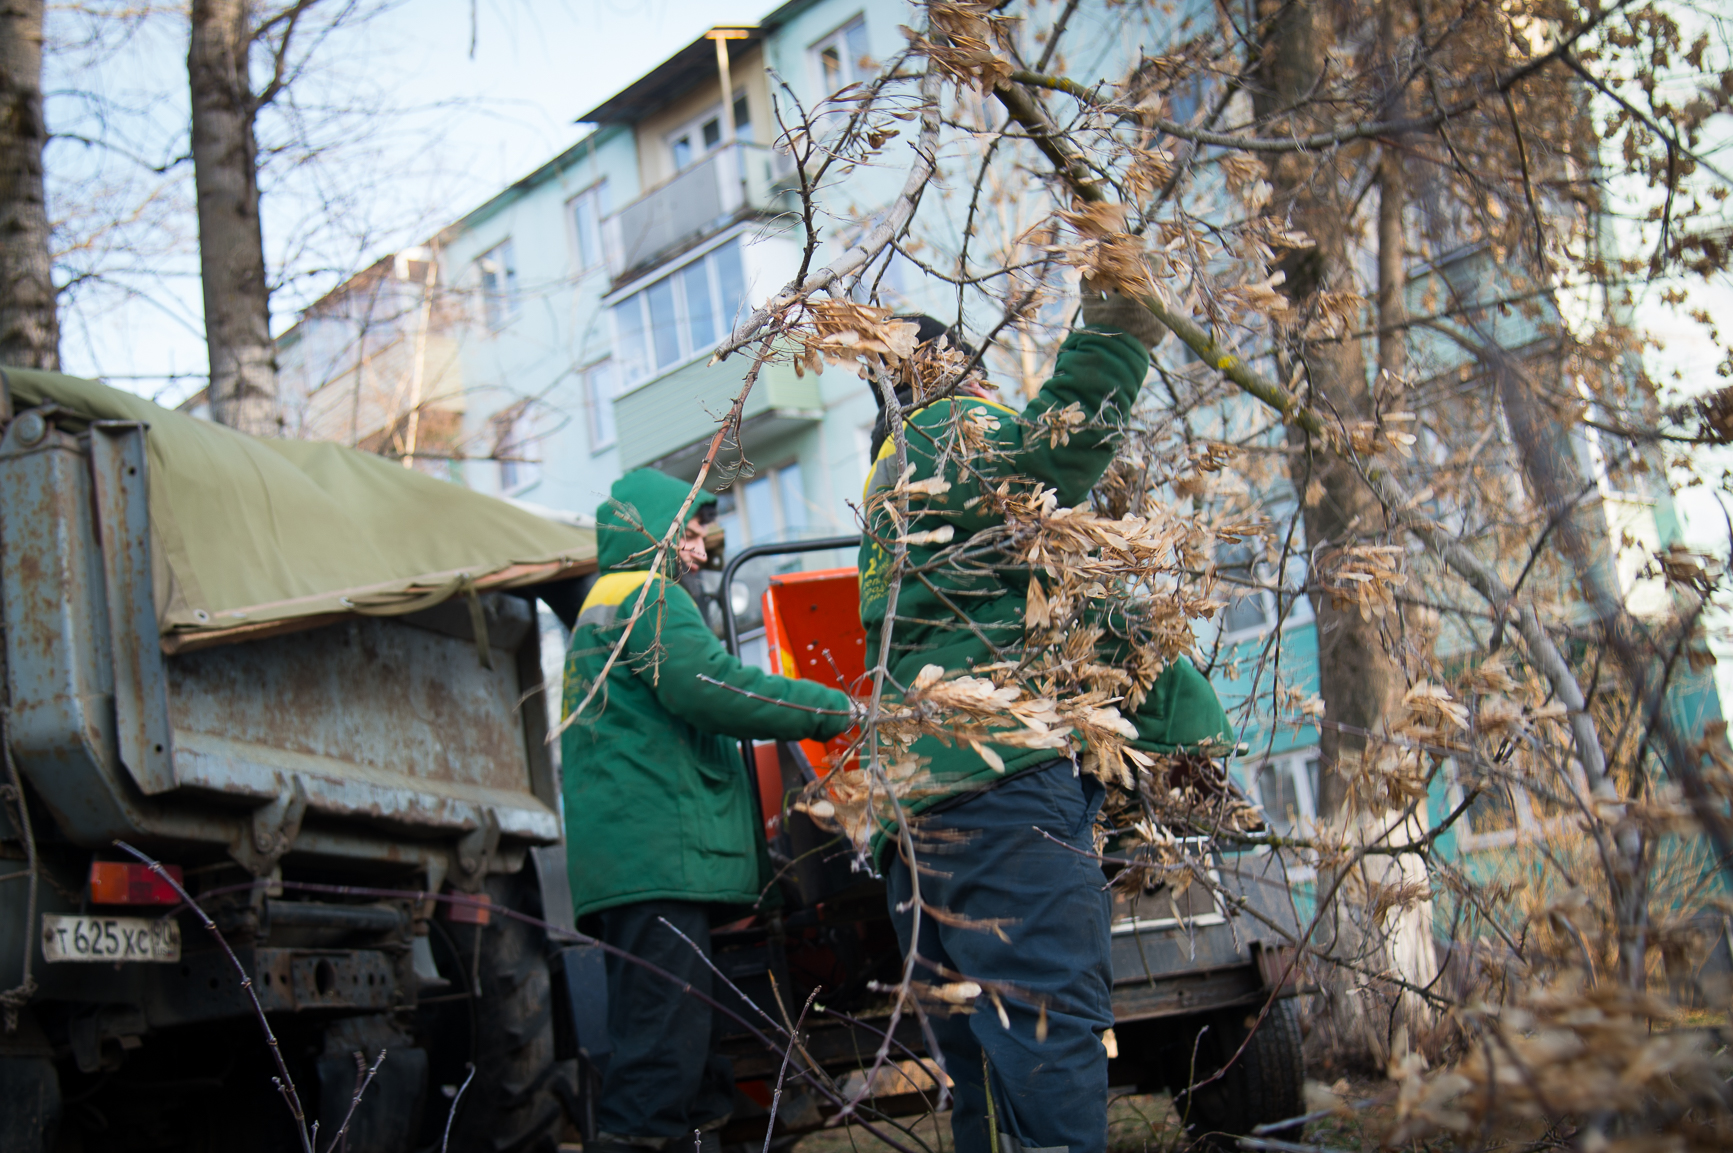 Новости Коломны   Активная пора кронирования деревьев наступила для коломенских коммунальщиков Фото (Коломна)   iz zhizni kolomnyi